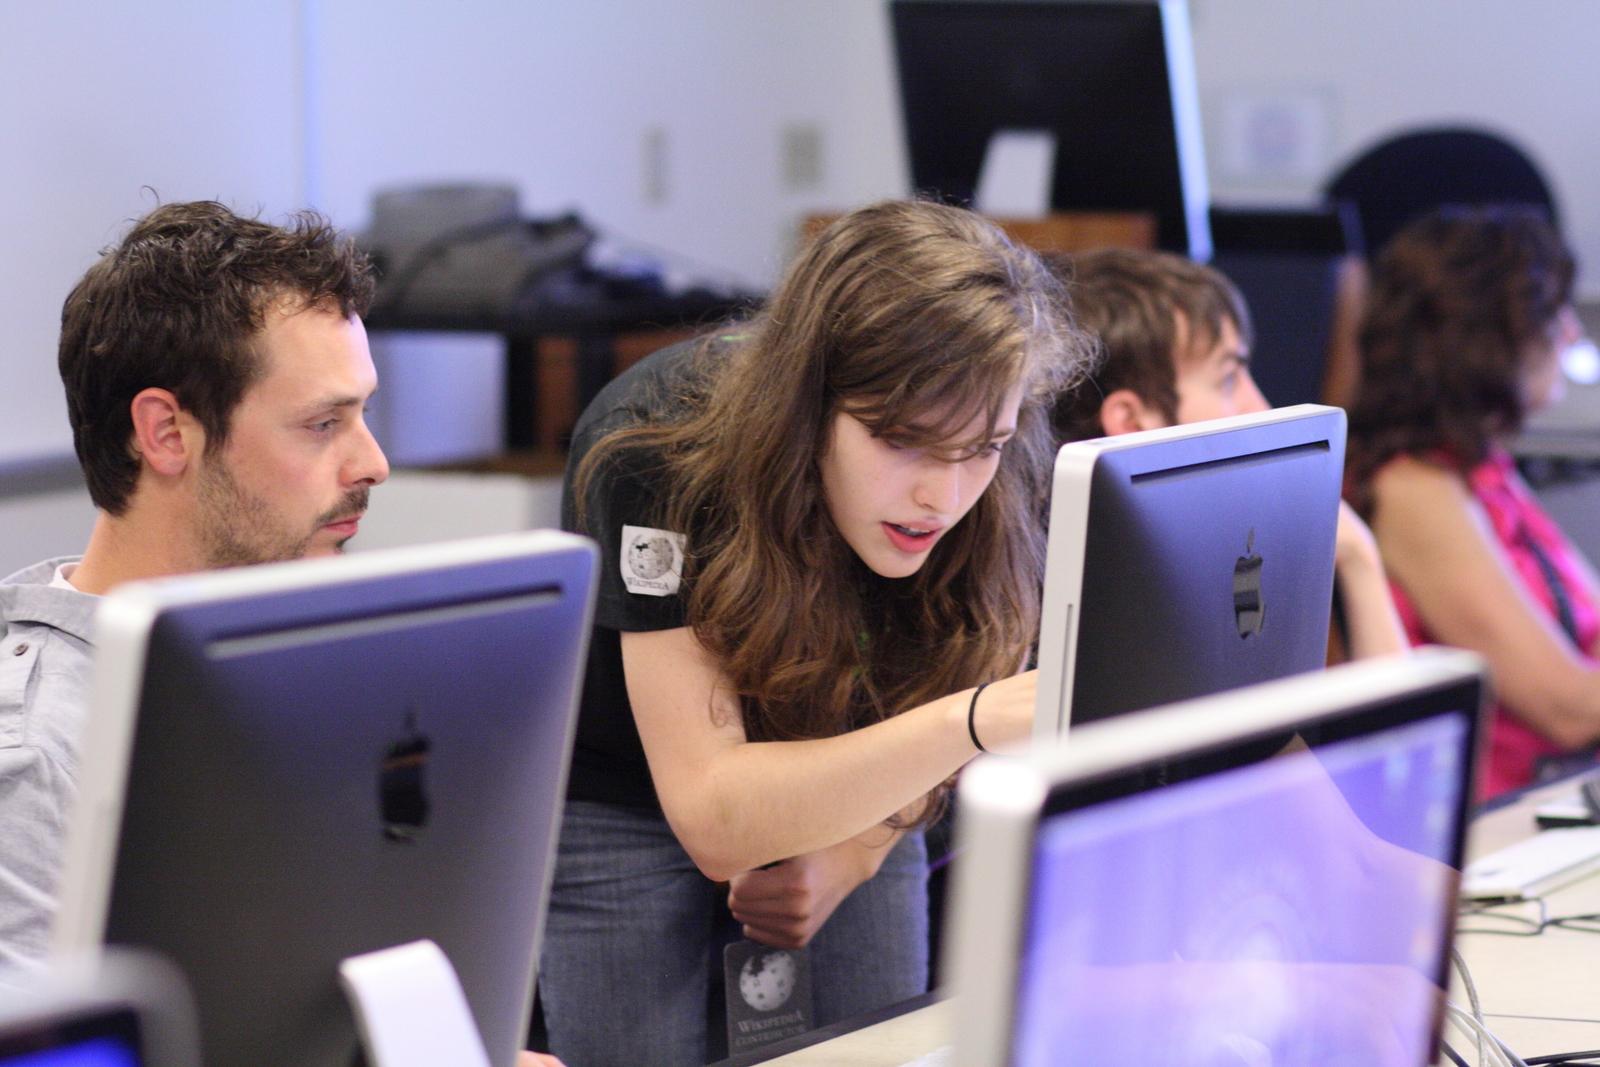 online education classes